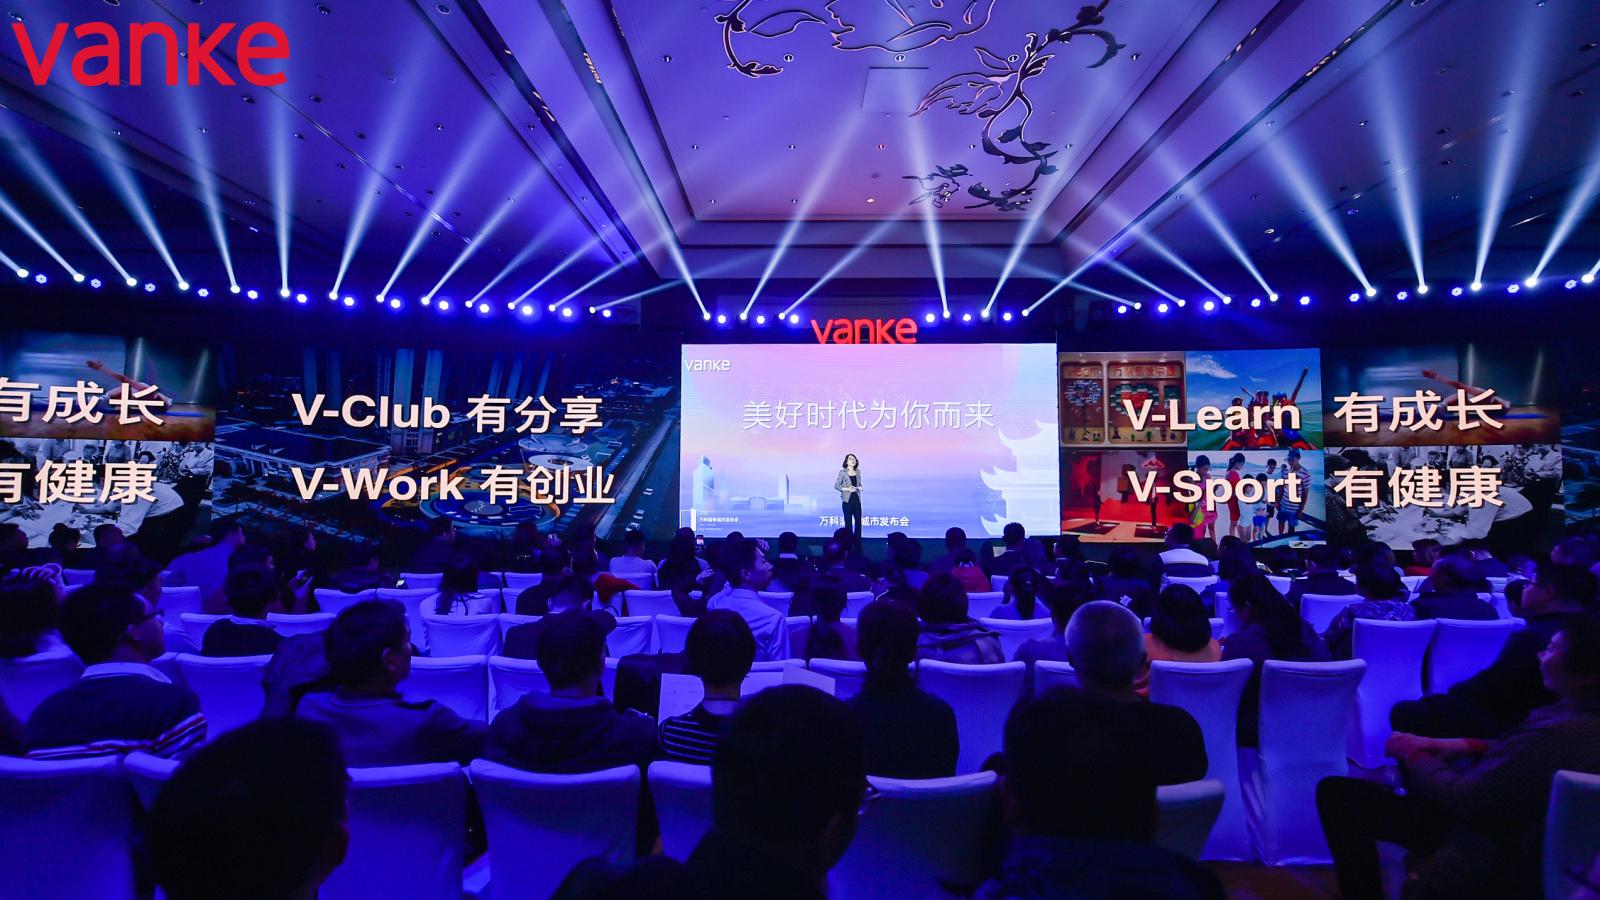 美好时代 为你而来丨万科淄博城市发布会惊艳全城